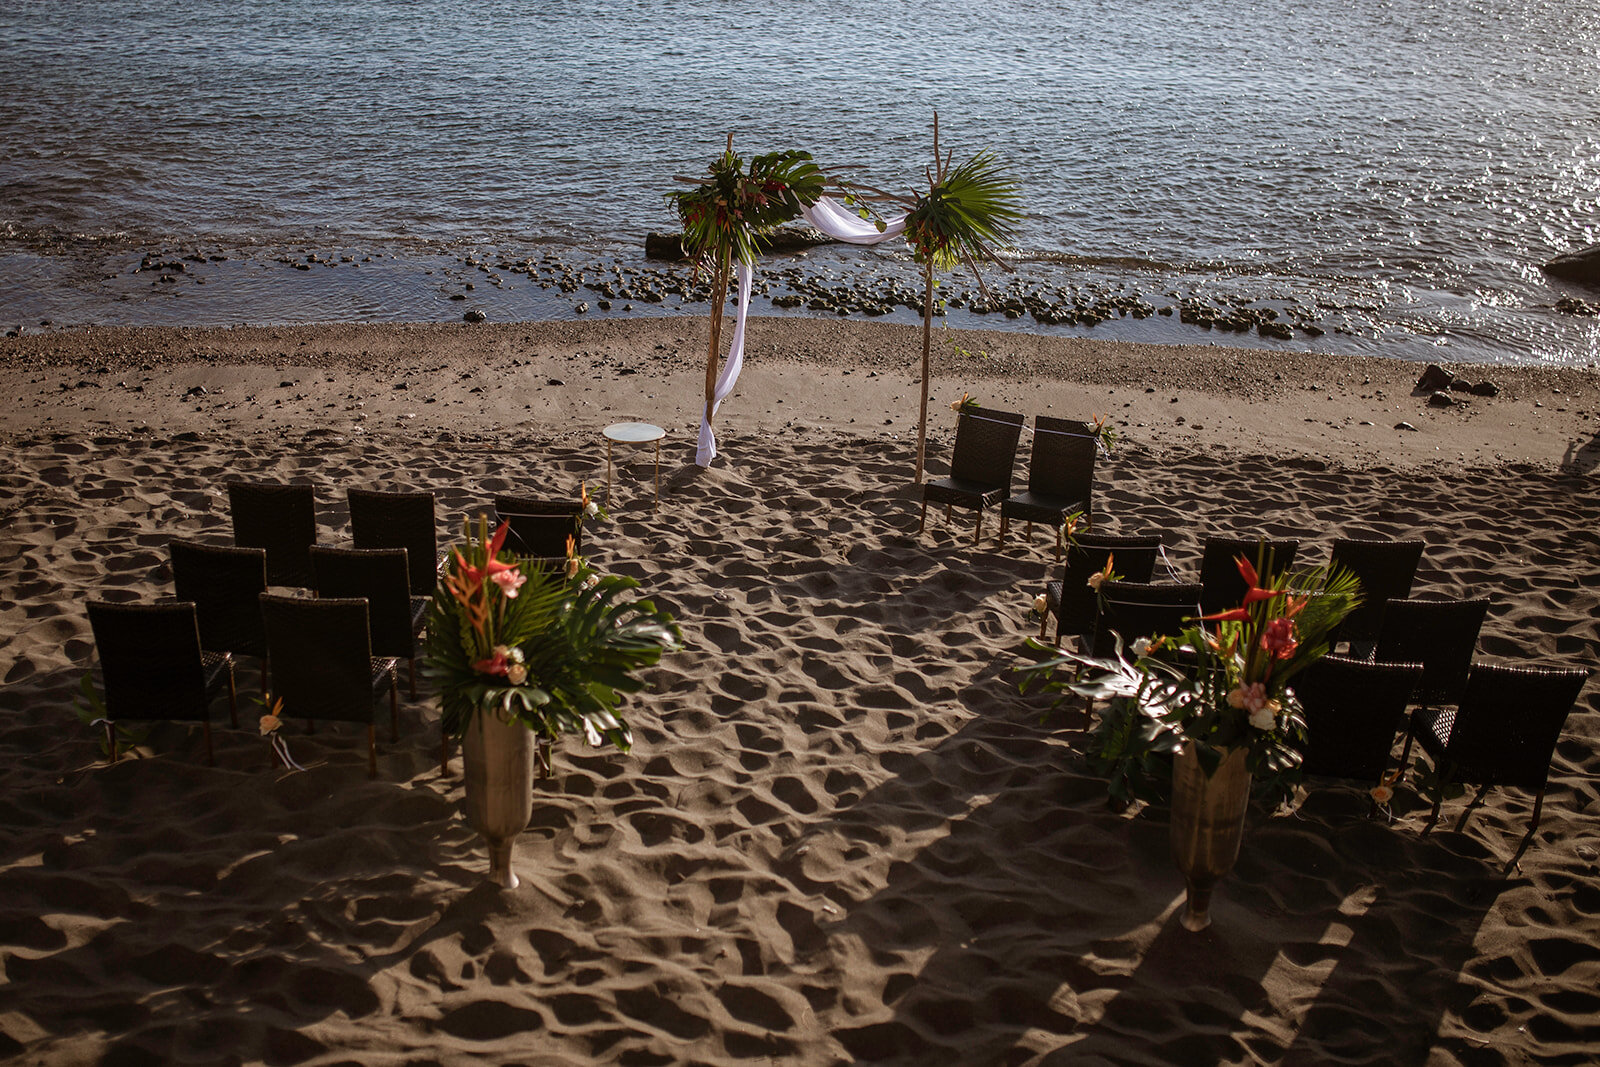 """""""Renouvellement de voeux"""" - A & S ont décidé de renouveler leurs vœux en réalisant une cérémonie laïque. Un moment en toute intimité qu'ils ont partagée avec quelques privilégiés, sur une petite plage de Saint-Leu."""